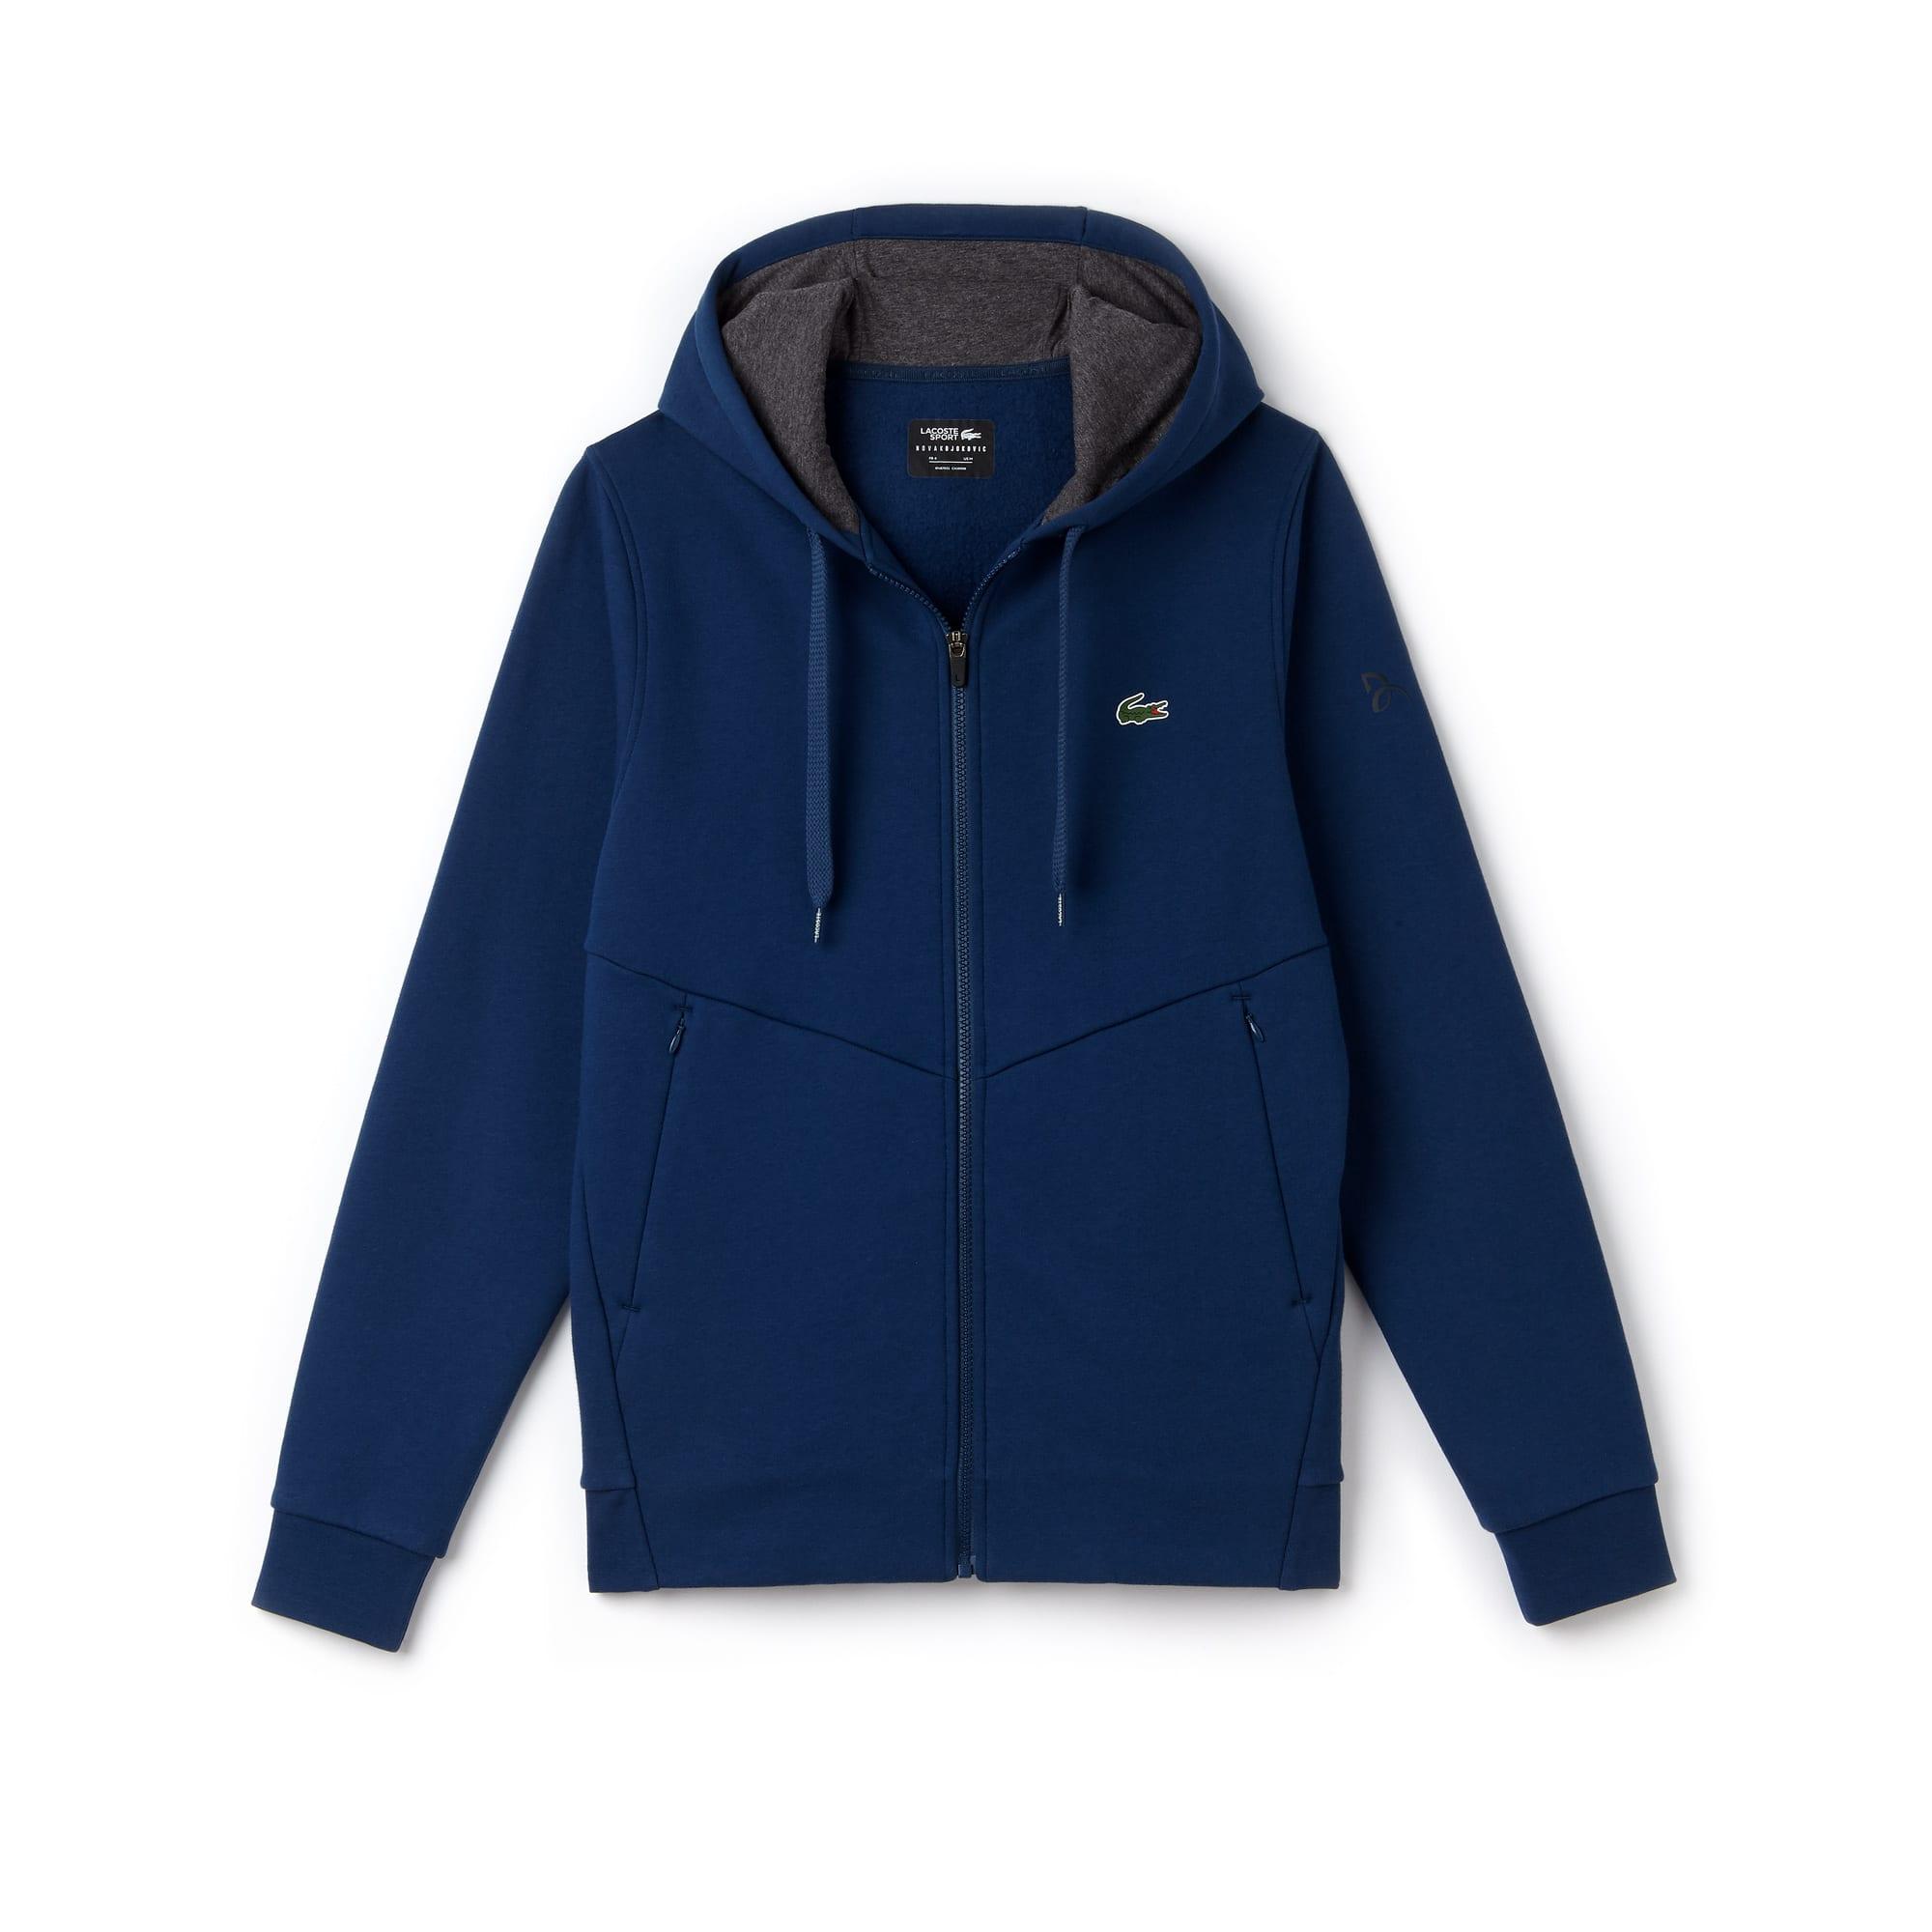 라코스테 스포츠 집업 후드 스웻셔츠 Lacoste Mens SPORT Technical Fleece Hooded Zip Sweatshirt - x Novak Djokovic Off Court Premium Edition,avon/pitch-black